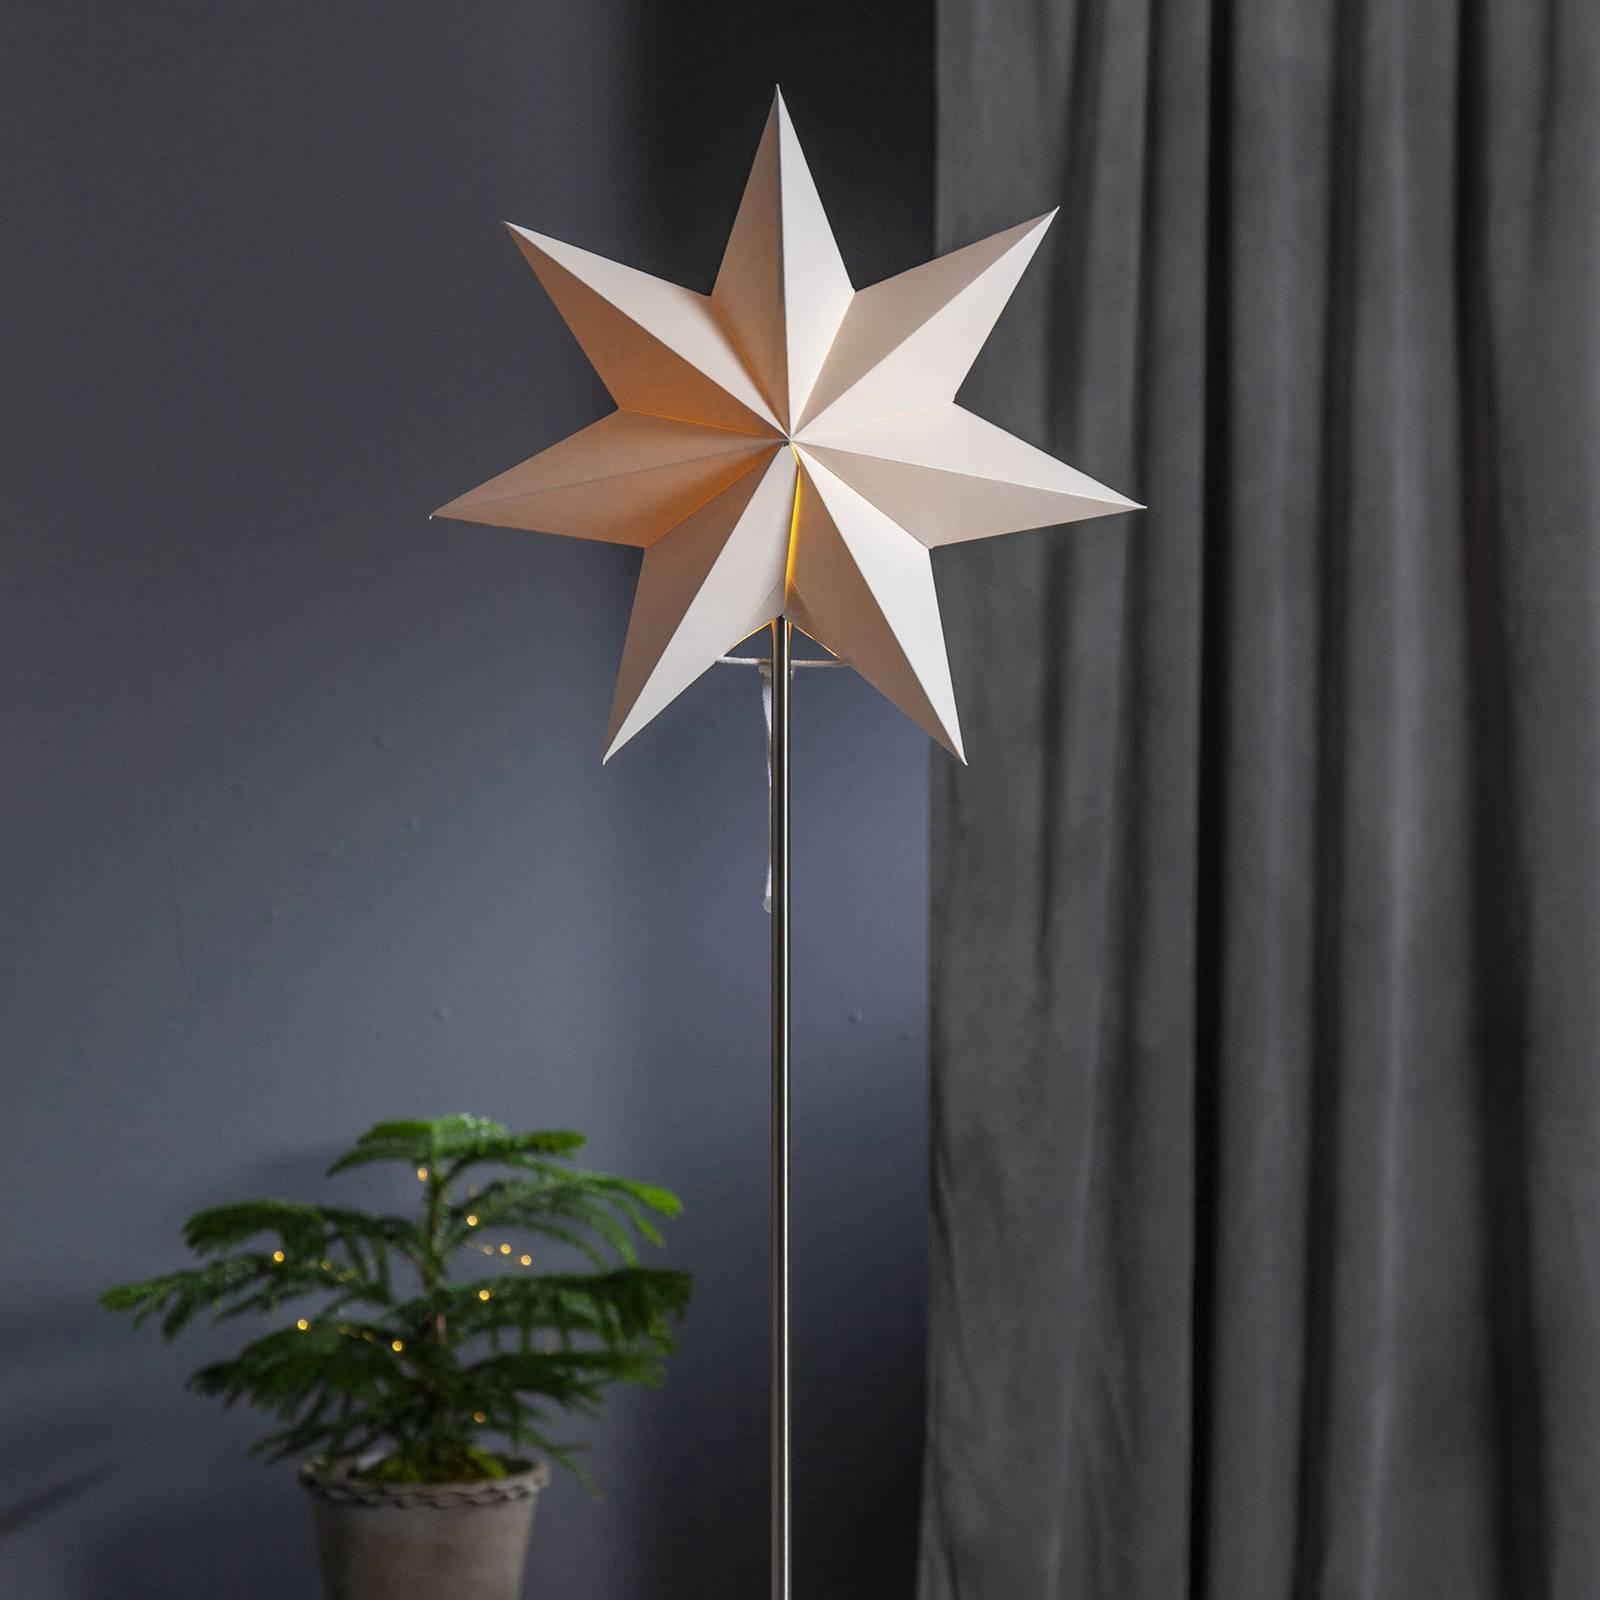 Moa-koristevalo, tähti + varjostin, valkoinen